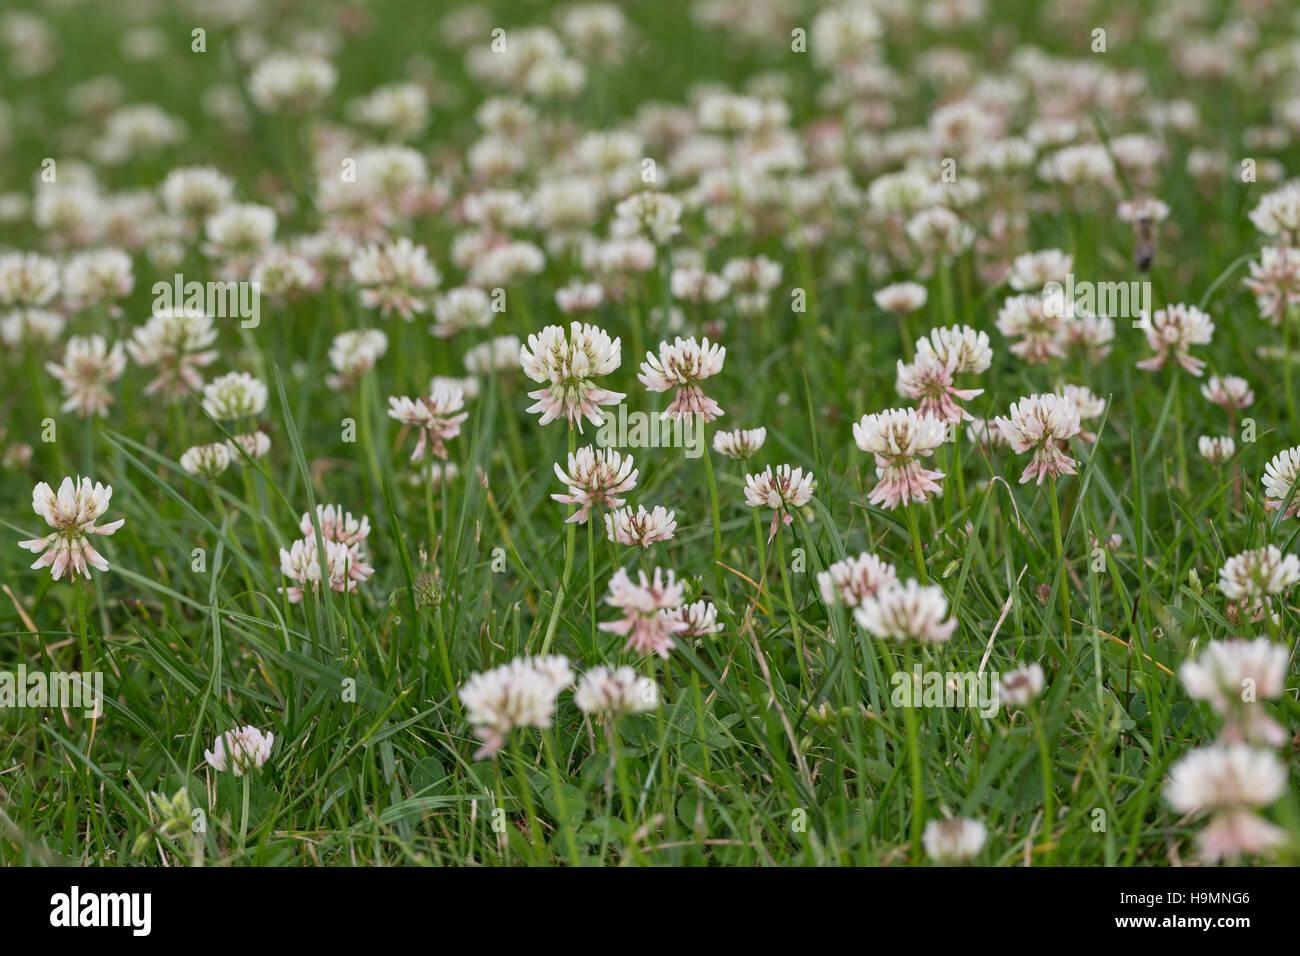 Weiss-Klee, Weissklee, Weiß-Klee, Weißklee, Kriech-Klee, Kriechklee, Klee, Trifolium repens, Ladino Clover, - Stock Image